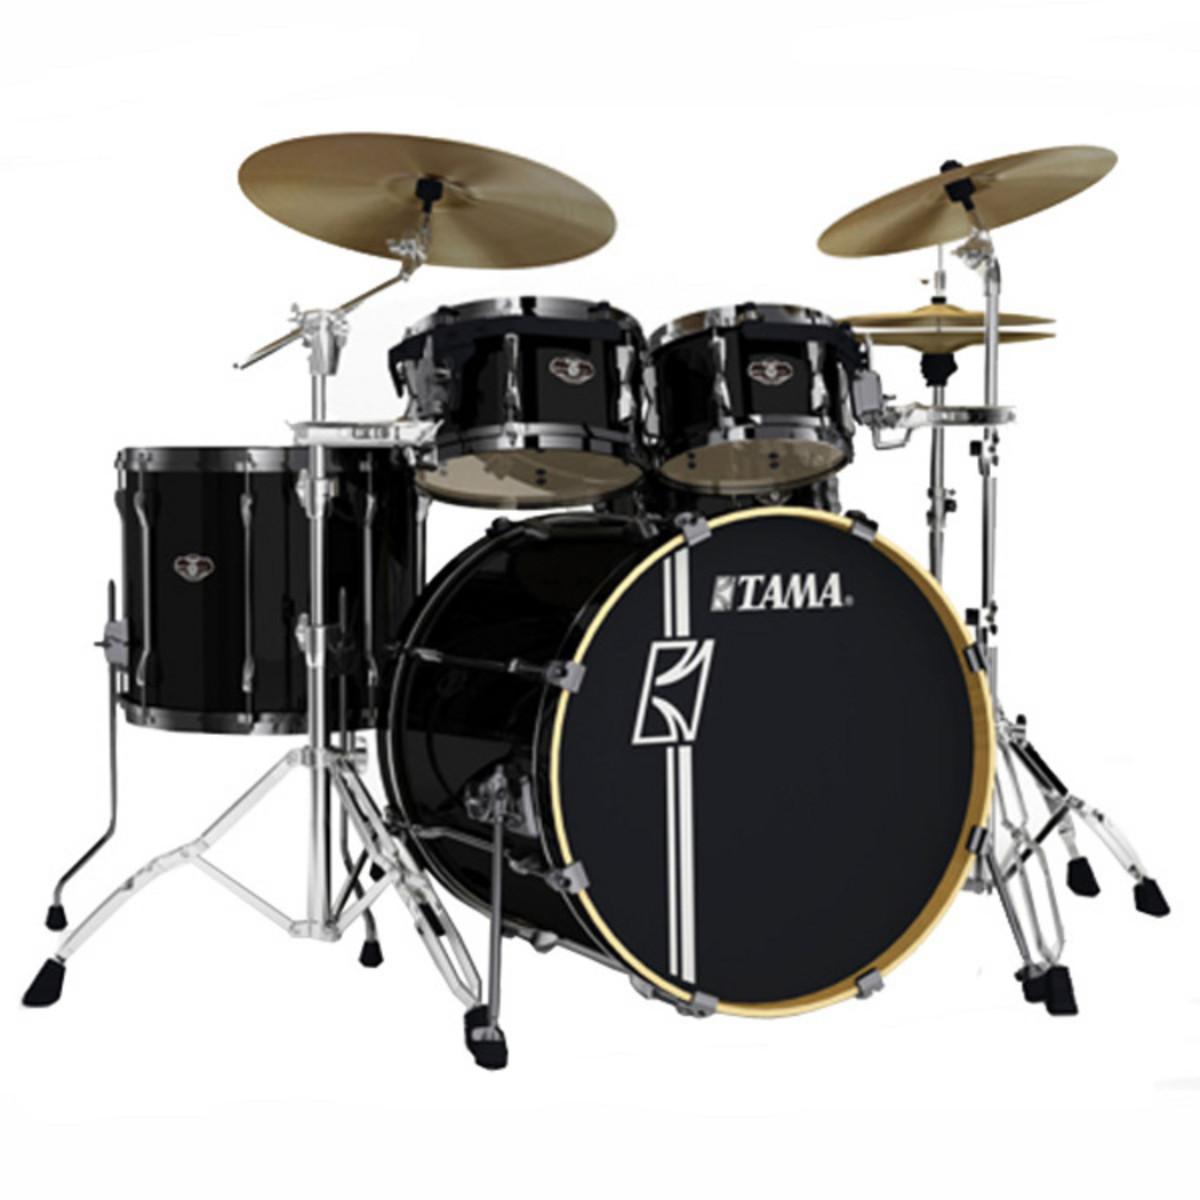 tama superstar hyper drive 22 39 39 5 piece drum kit black at. Black Bedroom Furniture Sets. Home Design Ideas